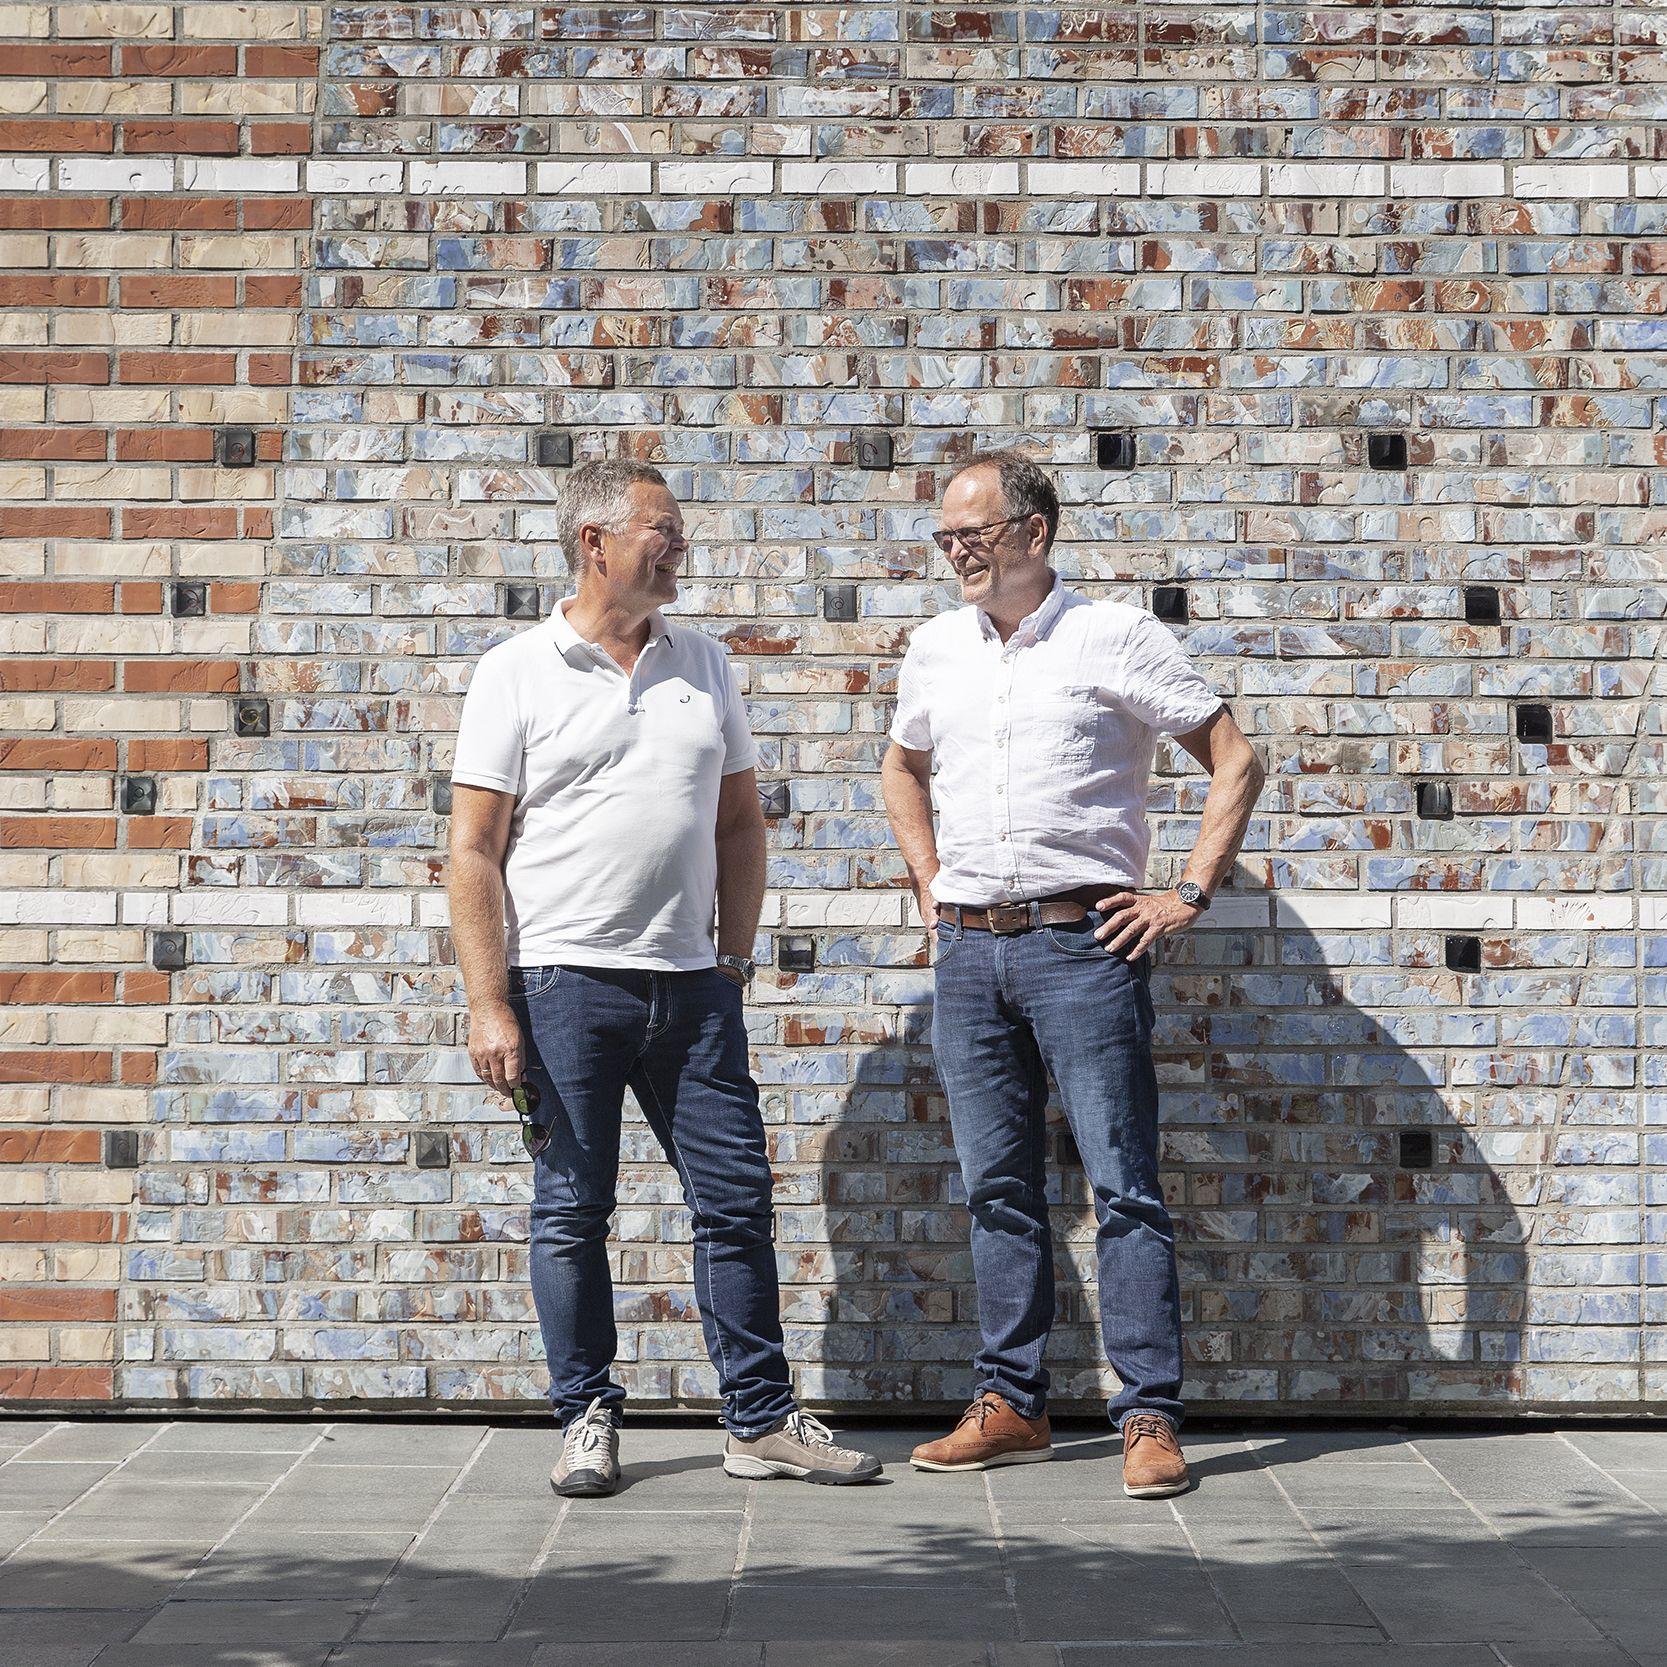 Christian Nørgaard Madsen (til venstre) sammen med Lars Haukeland utenfor Oslo Spektrum. Dette var kontorets første prosjekt og til høsten skal LPO fortsette arbeidet med å videreutvikle det ikoniske bygget til en moderne storarena, ikke bare for konserter, men nå også for konferanser. Foto: LPO arkitekter